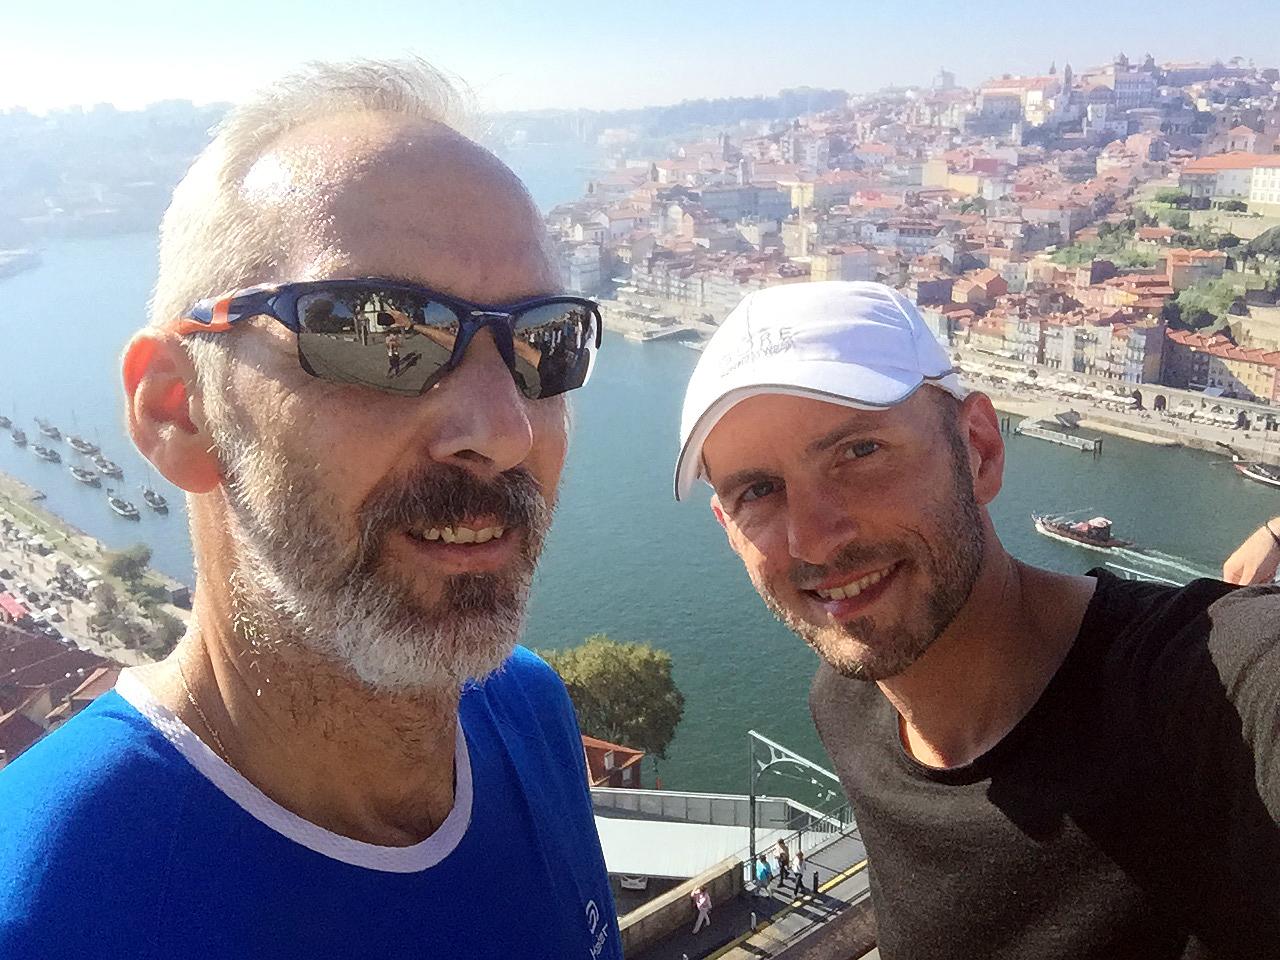 Rui und Nils auf der Brücke Ponte Luis I. Im Hintergrund die Stadt Porto